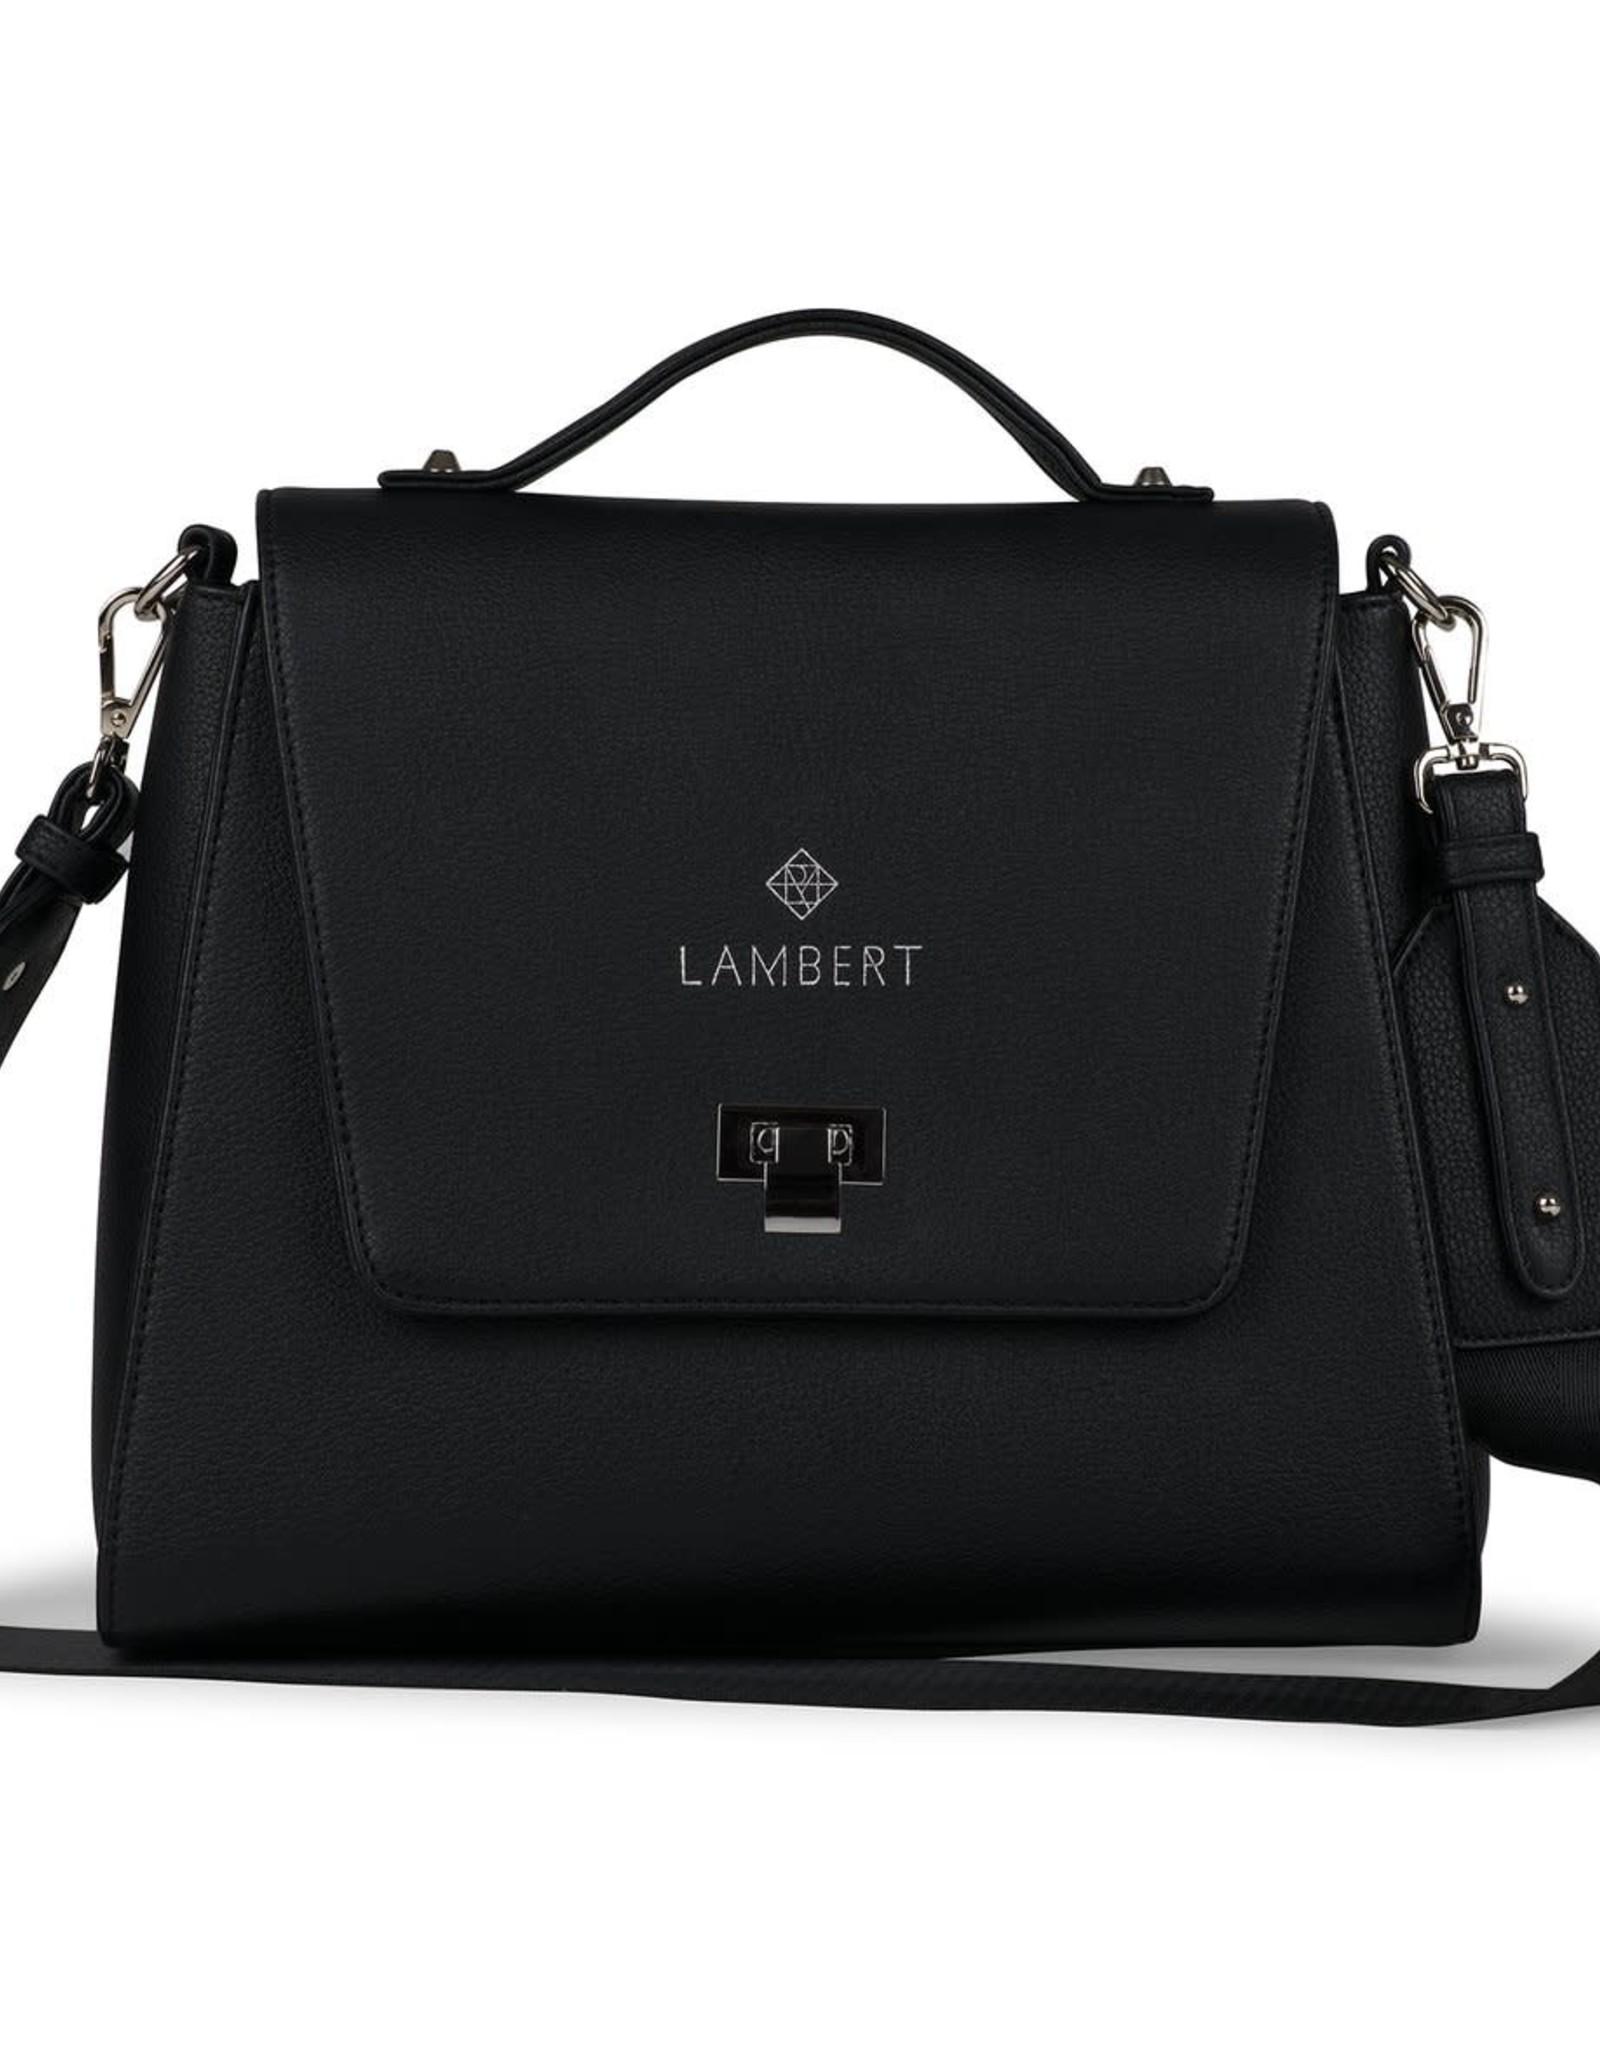 Lambert Élie Noir